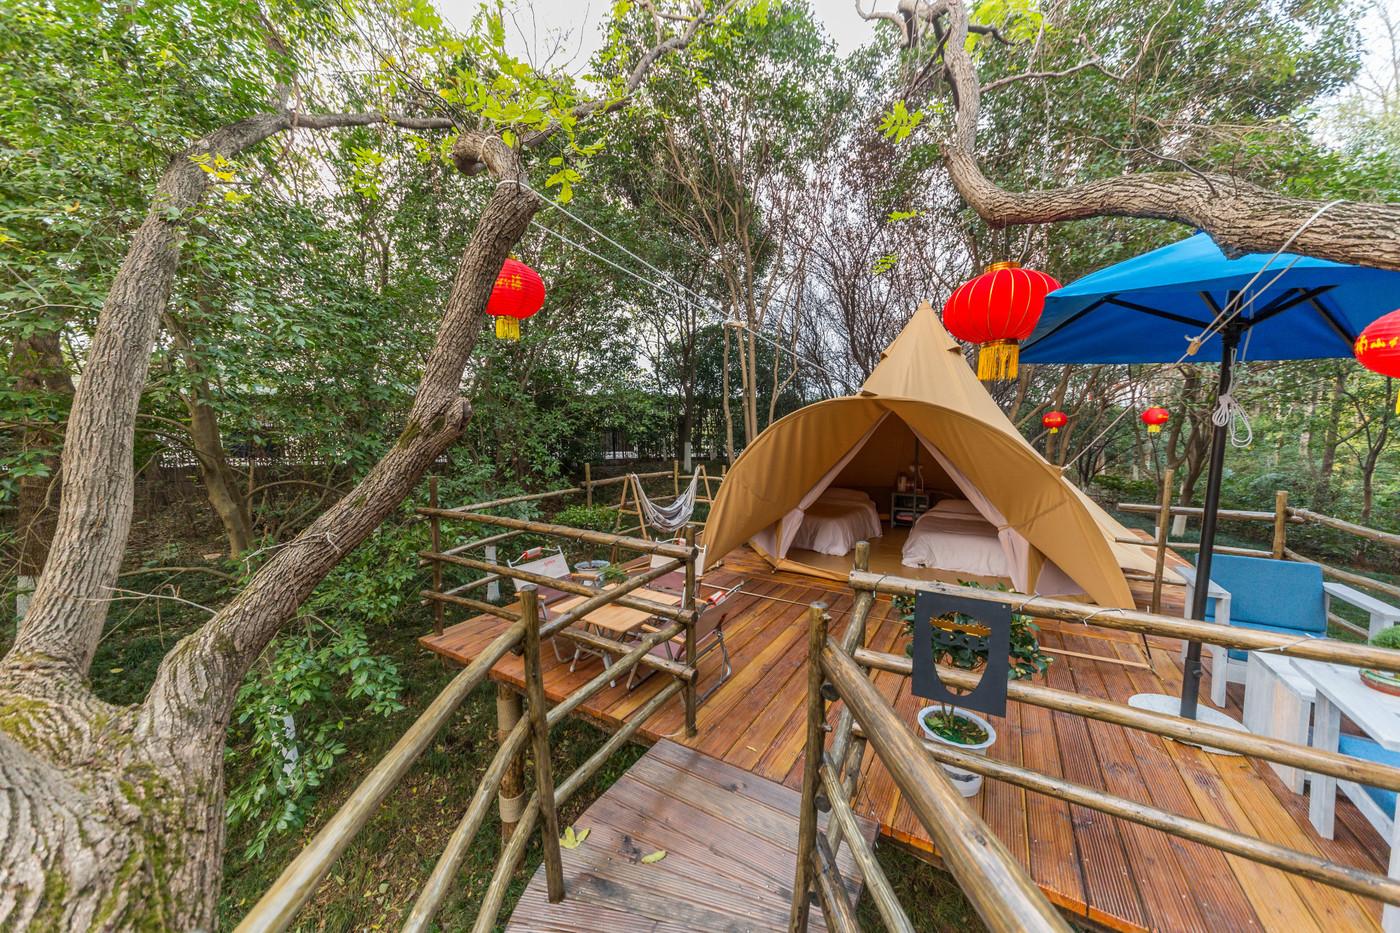 喜马拉雅野奢帐篷酒店—江苏常州天目湖树屋帐篷酒店26